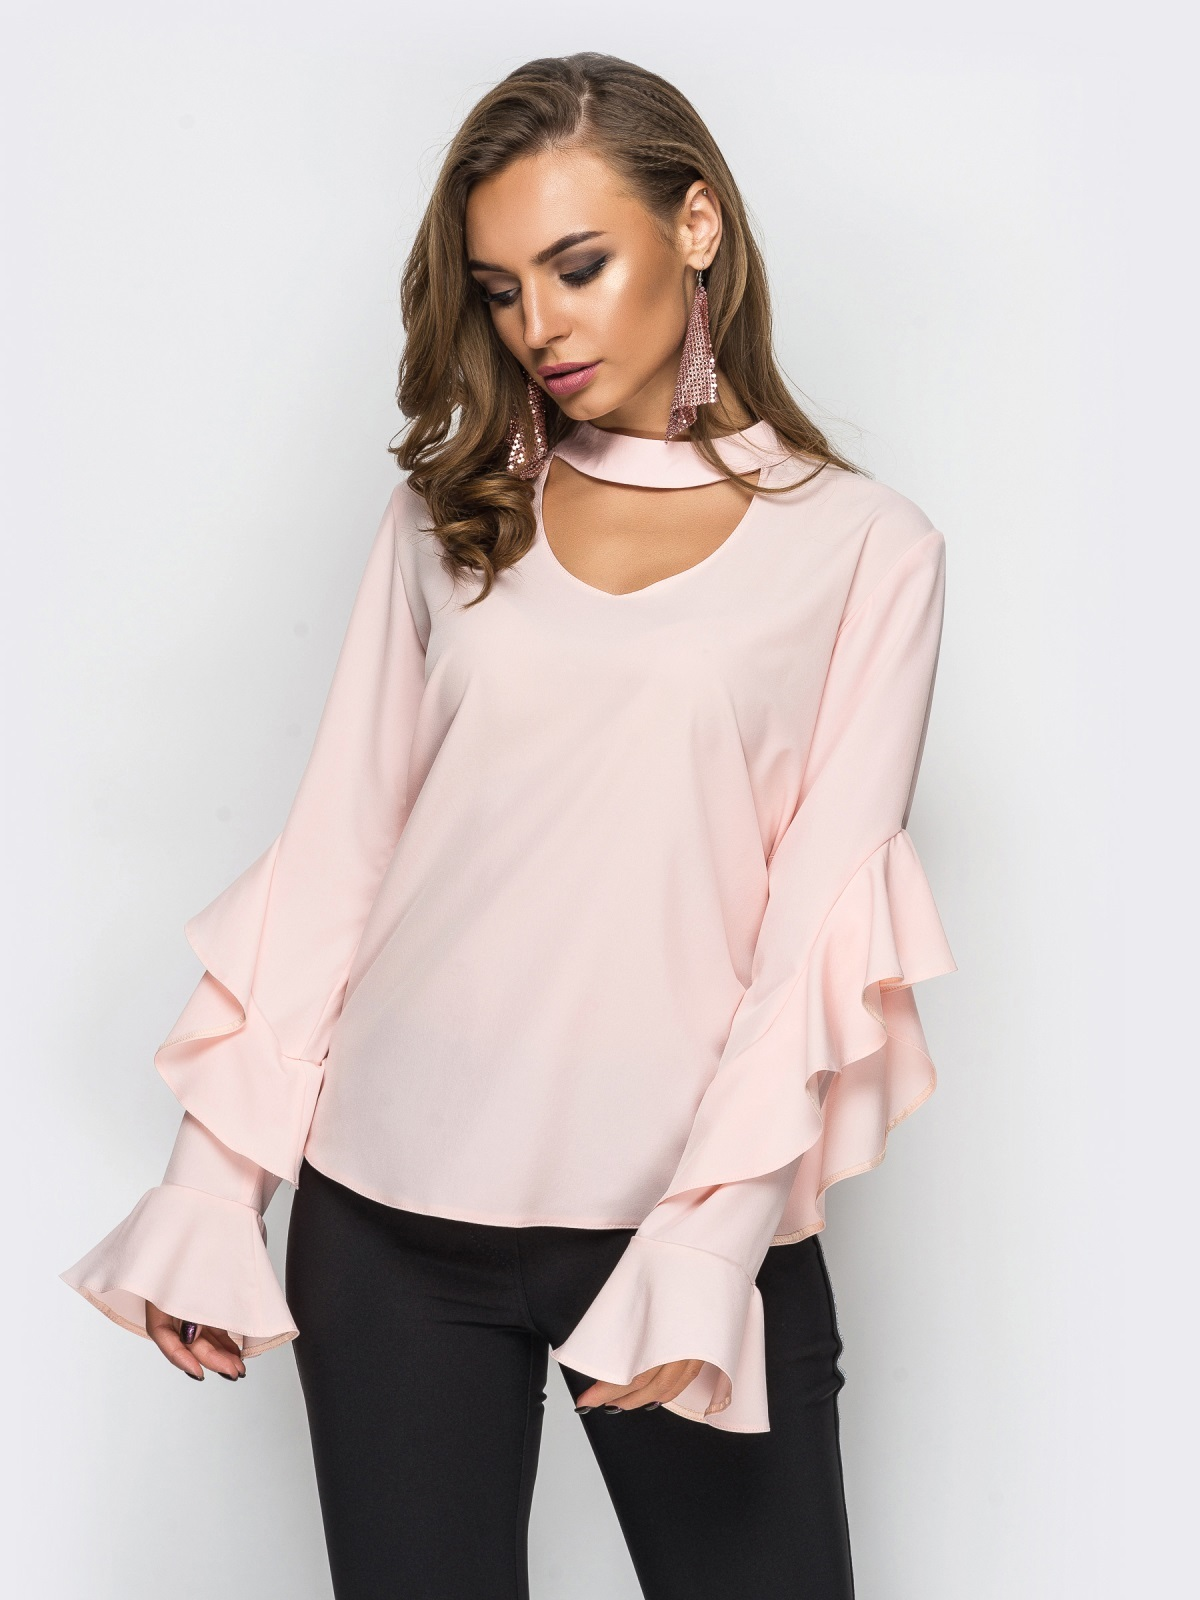 модные блузки весна лето 2019: с рюшами рукав длинный персиковая